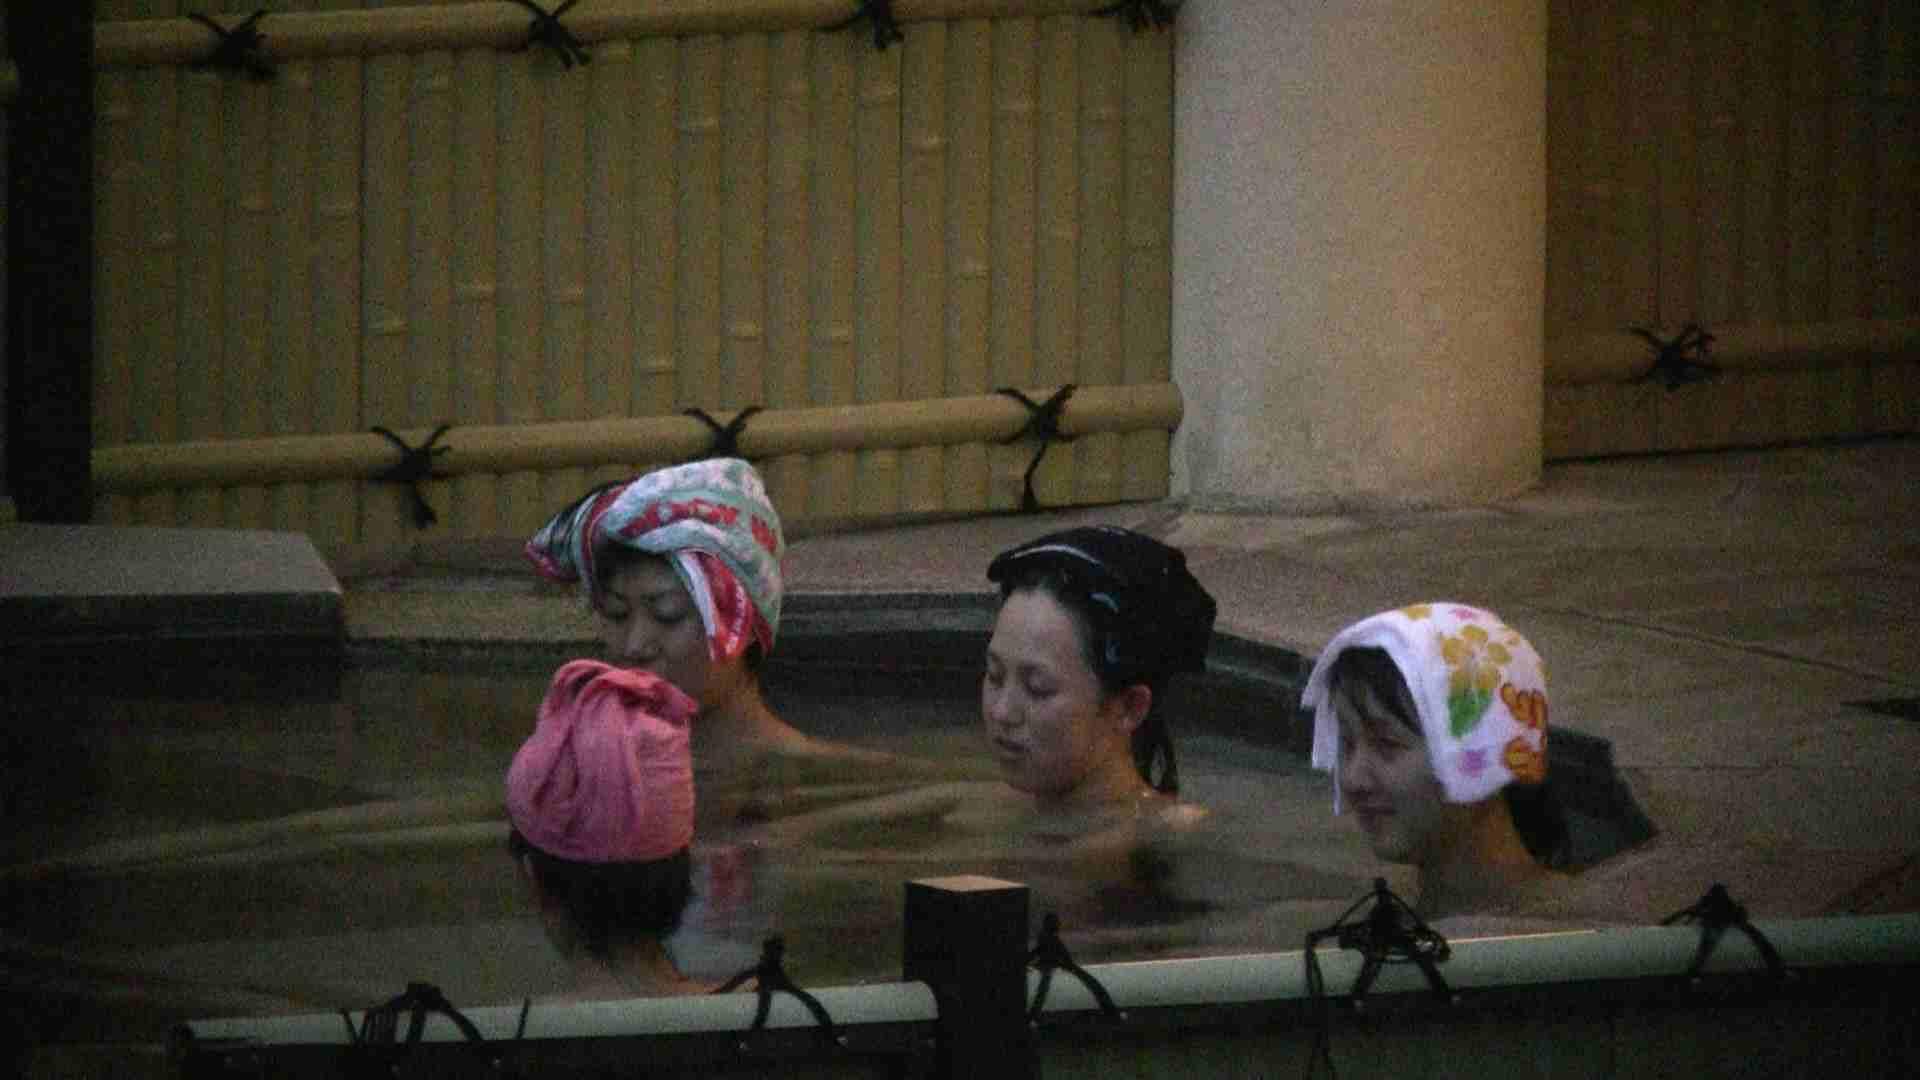 Aquaな露天風呂Vol.149 美しいOLの裸体 | 盗撮師作品  101pic 85